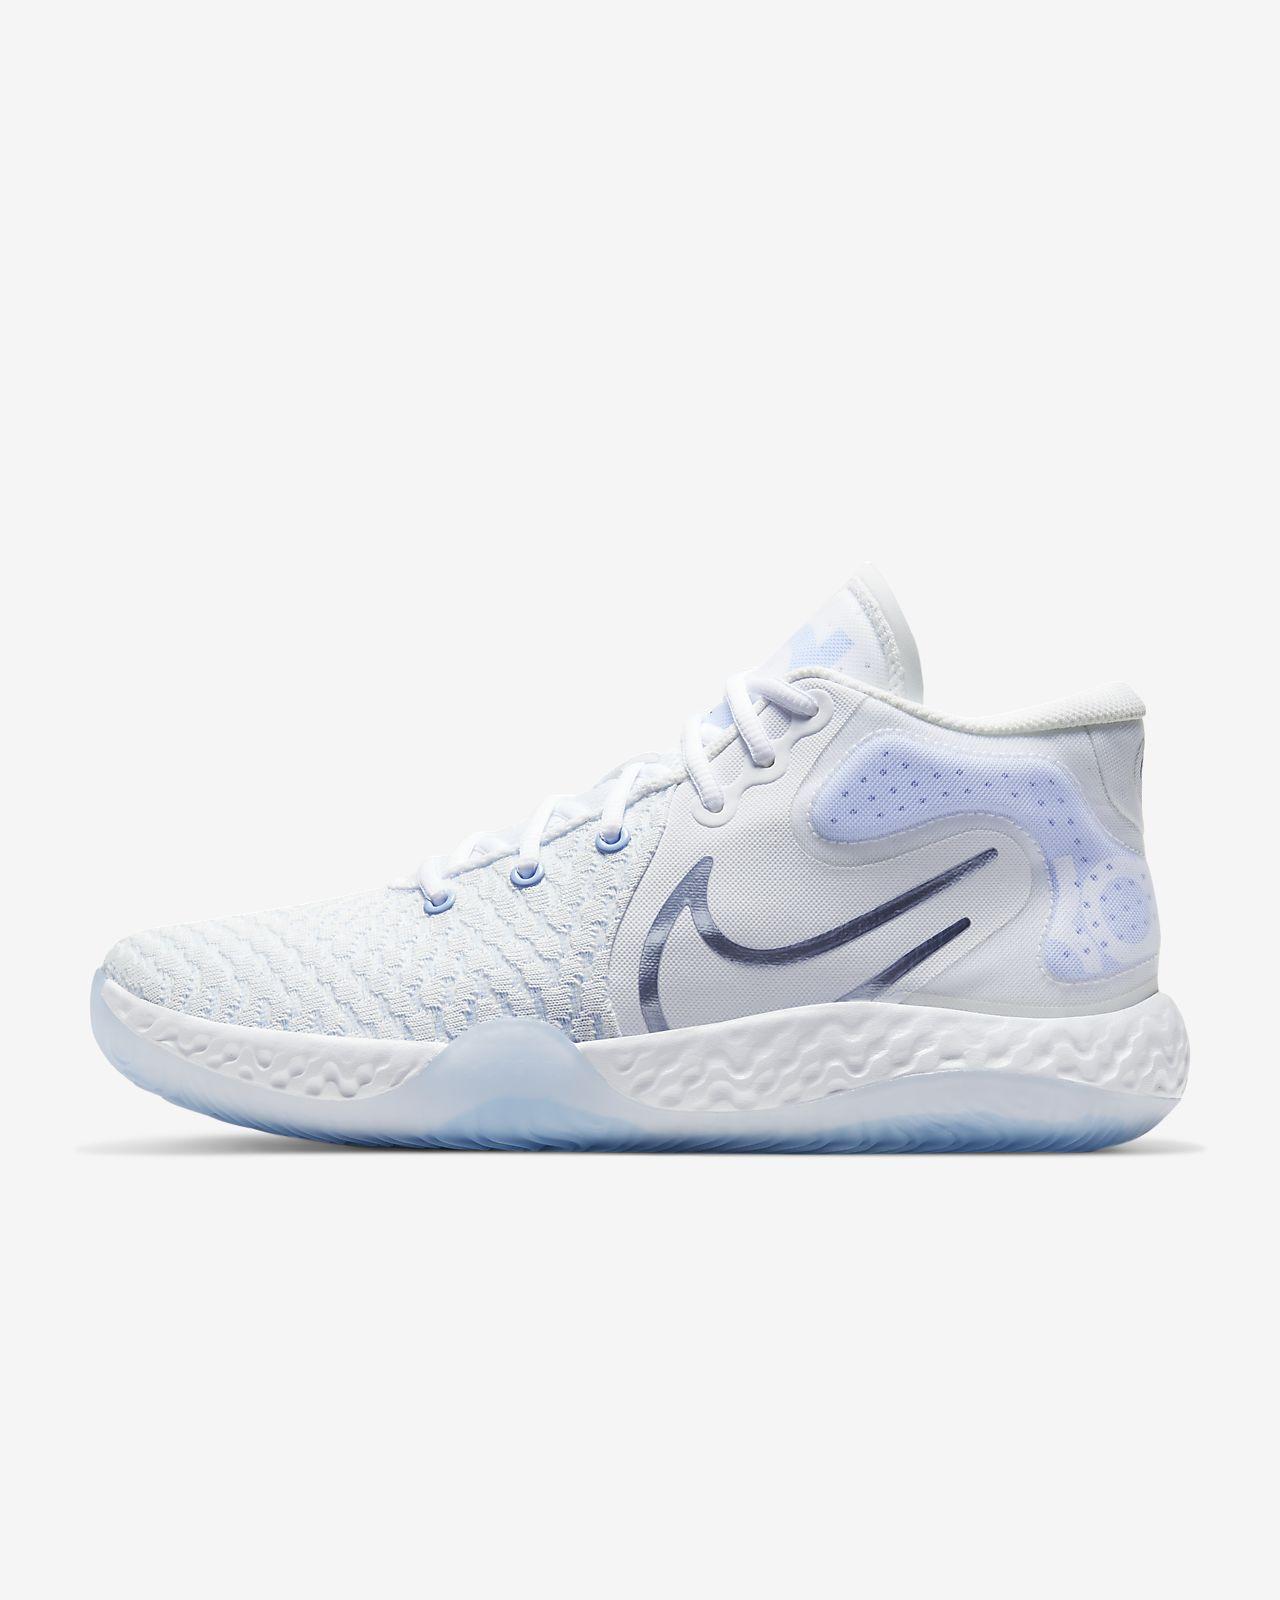 KD Trey 5 VIII Basketball Shoe. Nike IE